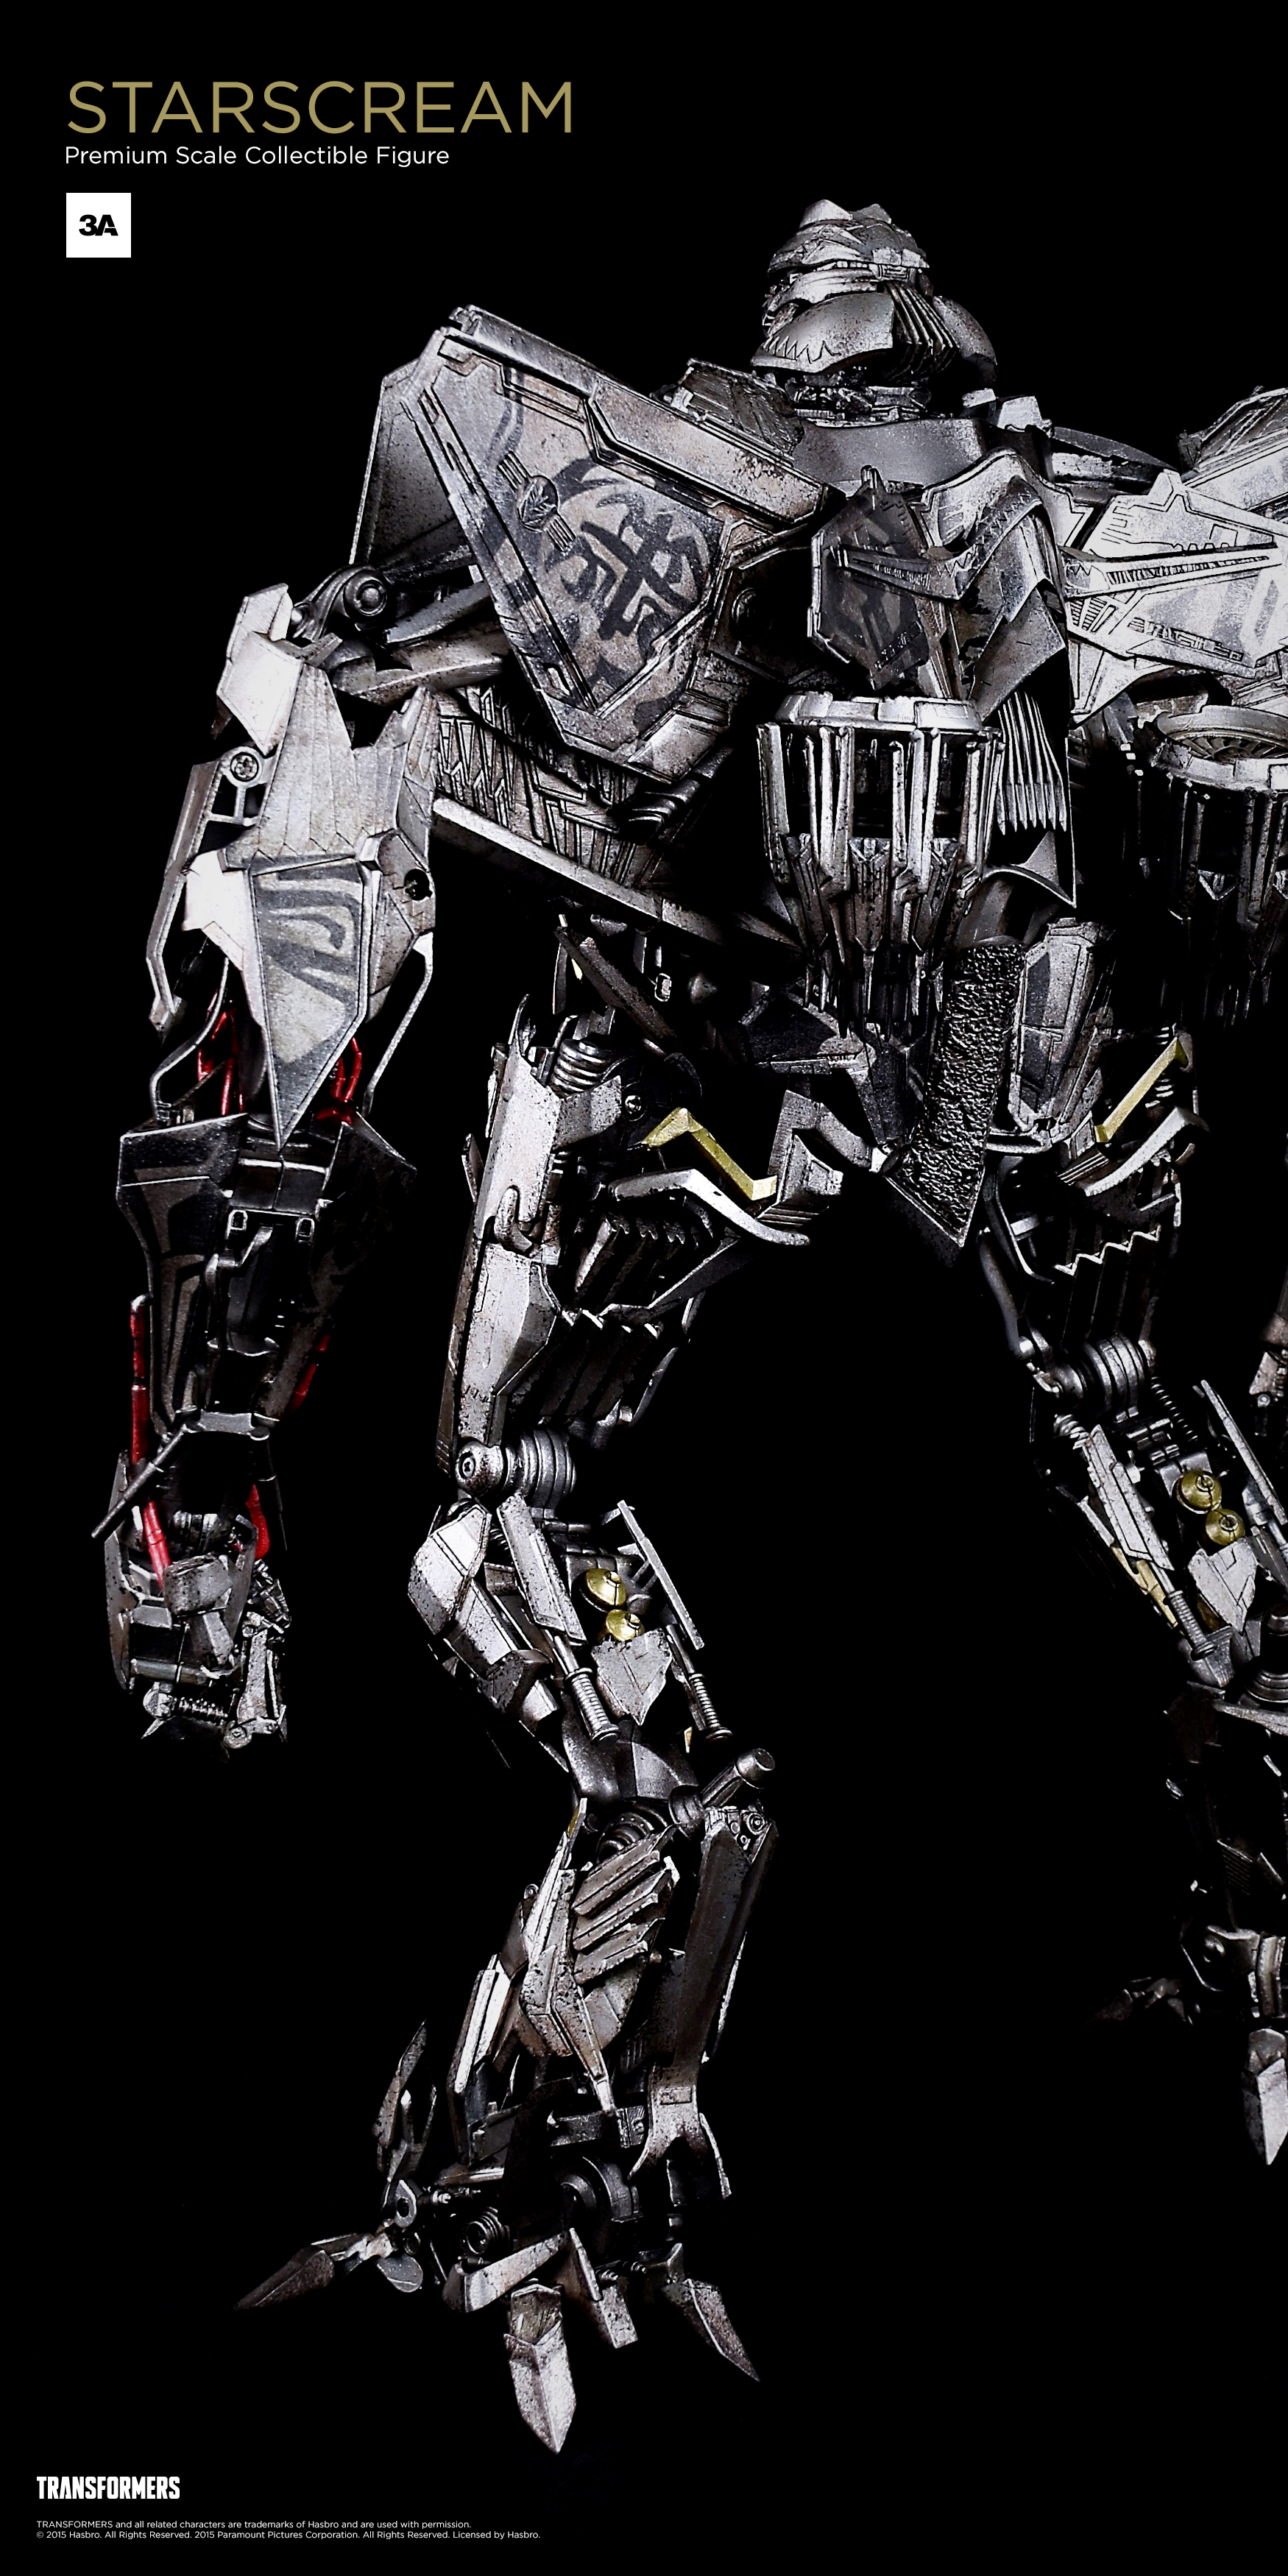 3A_Transformers_Starscream_Ad_1750x3500_E_004.jpg